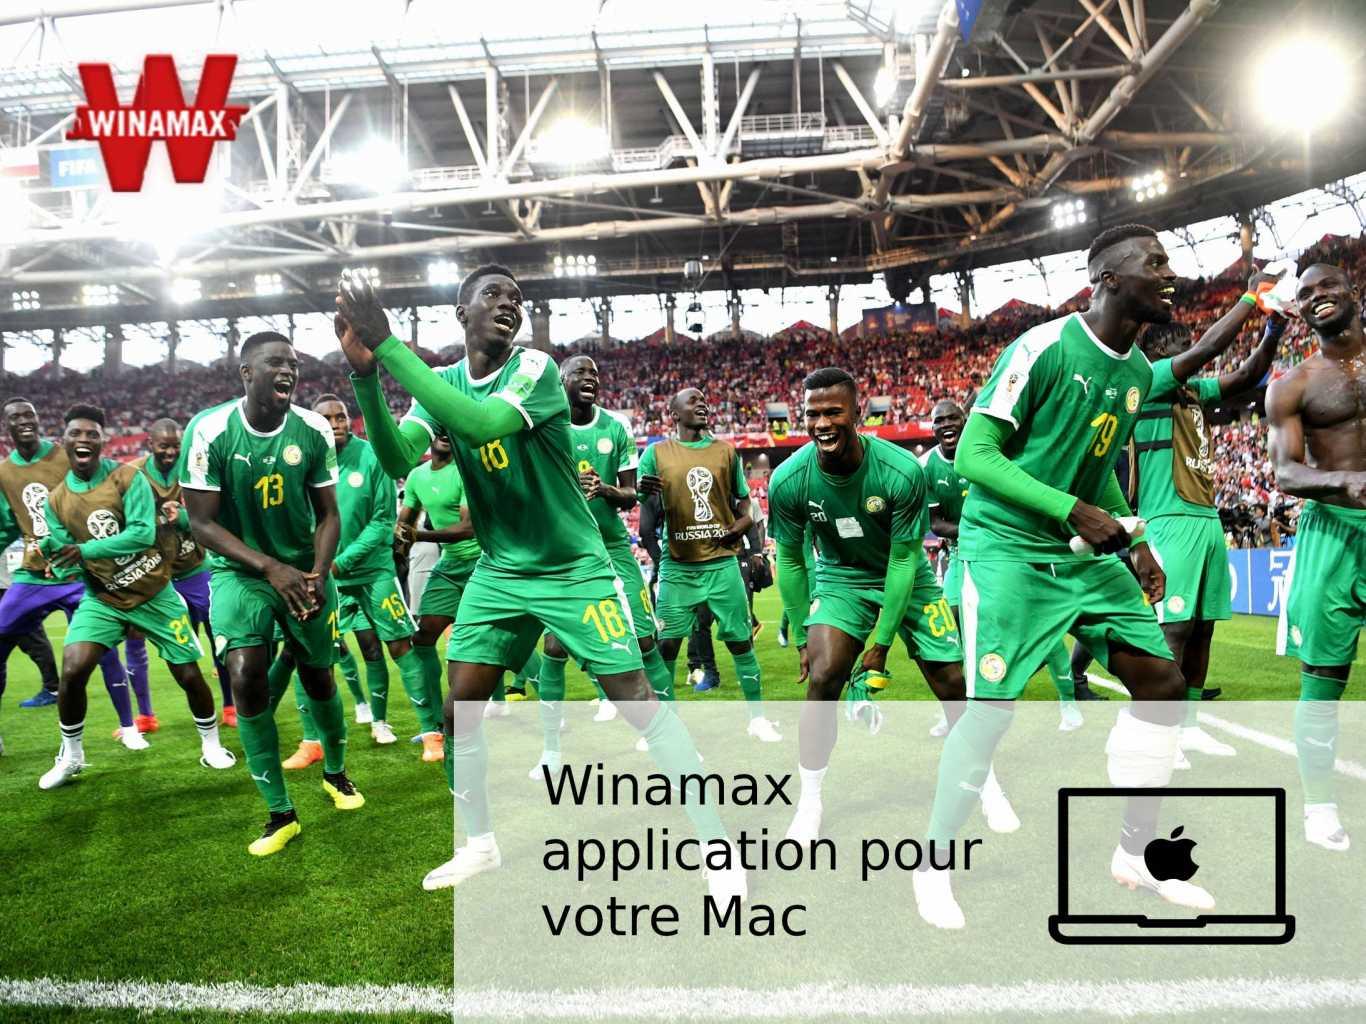 Winamax apk pour mac